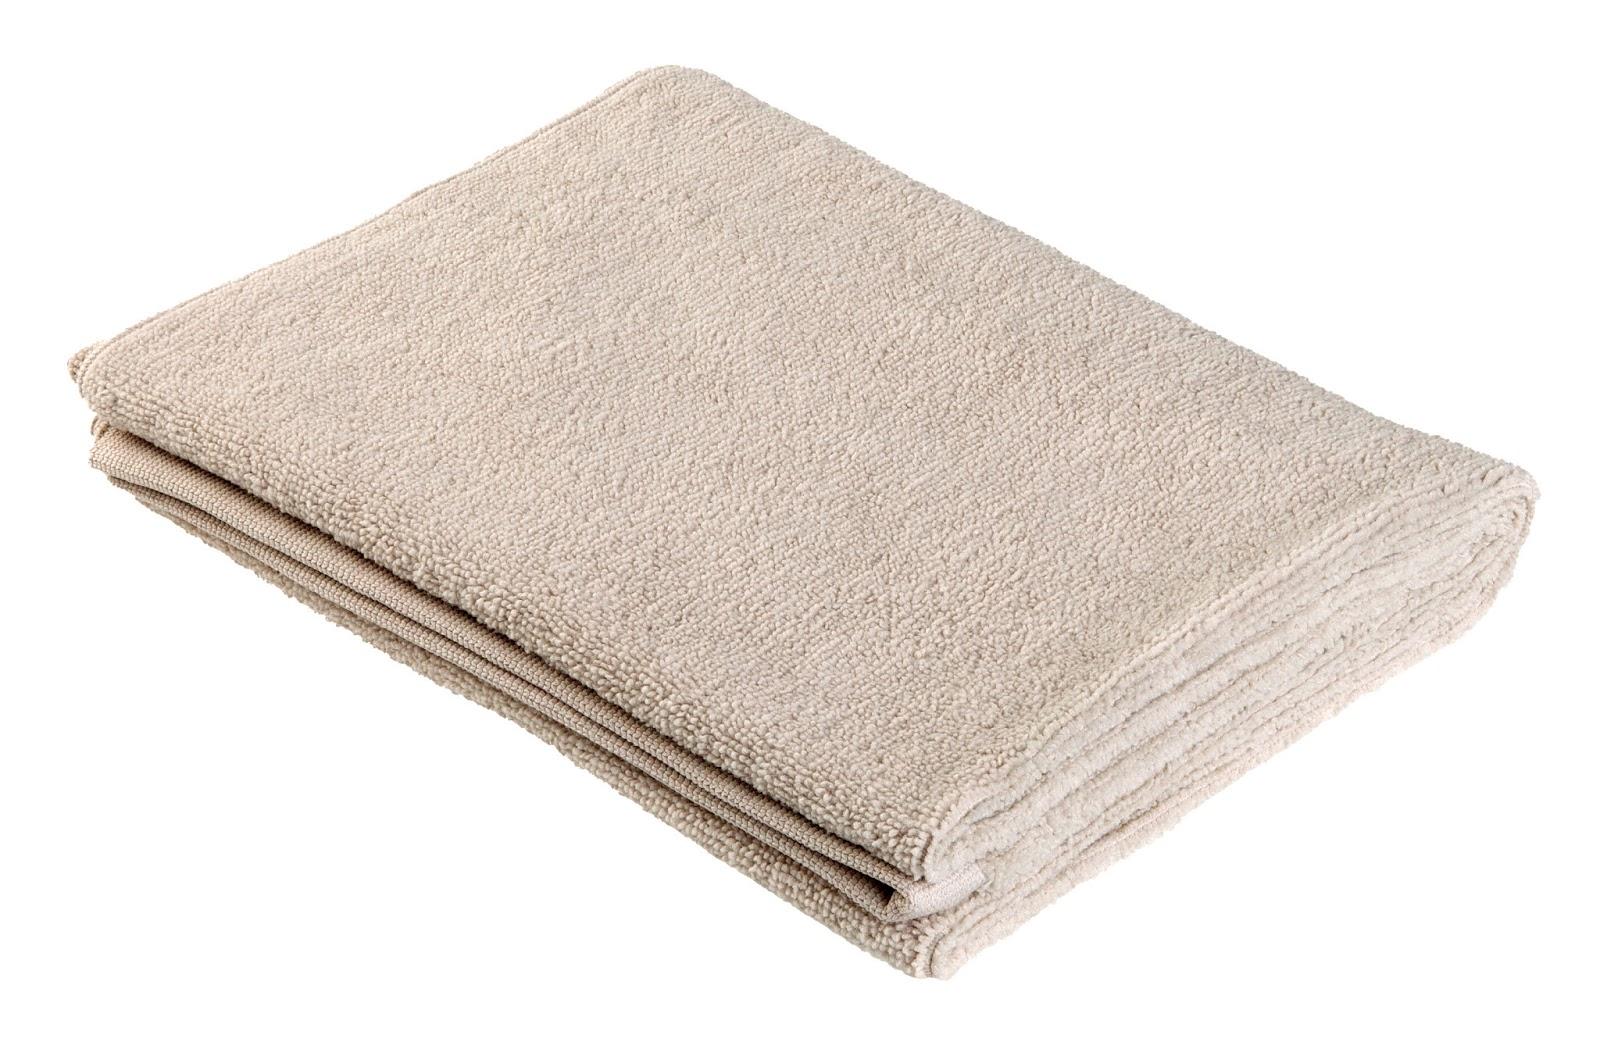 Tidy Mom Norwex Body Bath Towel Review